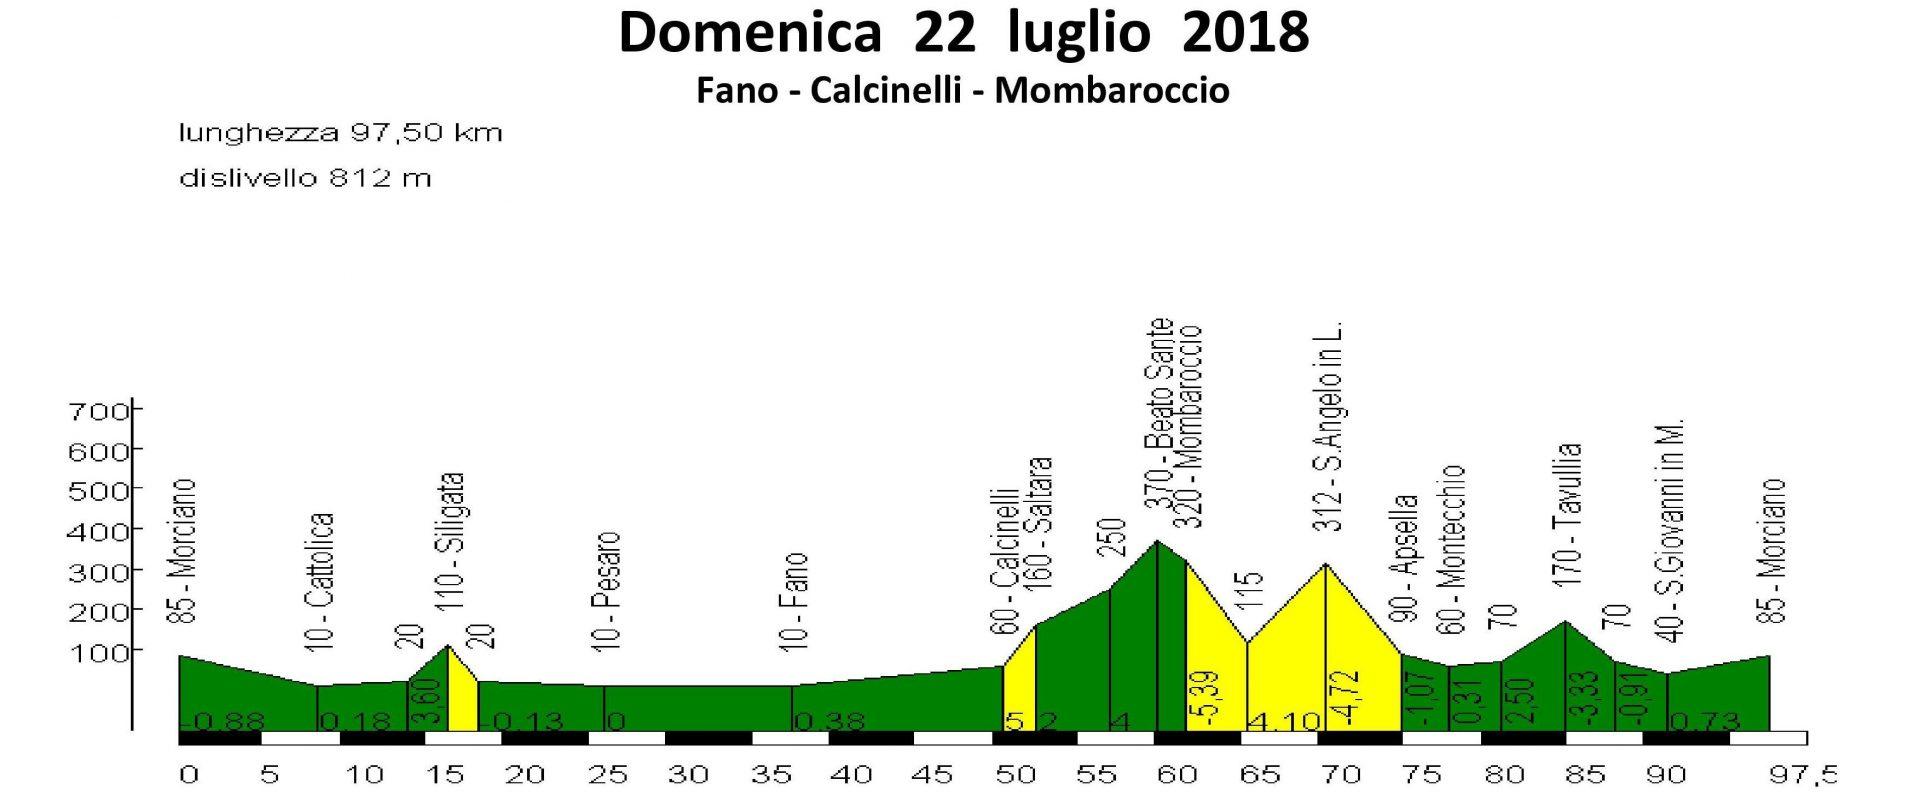 Domenica 22-lug-2018 – Fano Calcinelli Monbaroccio